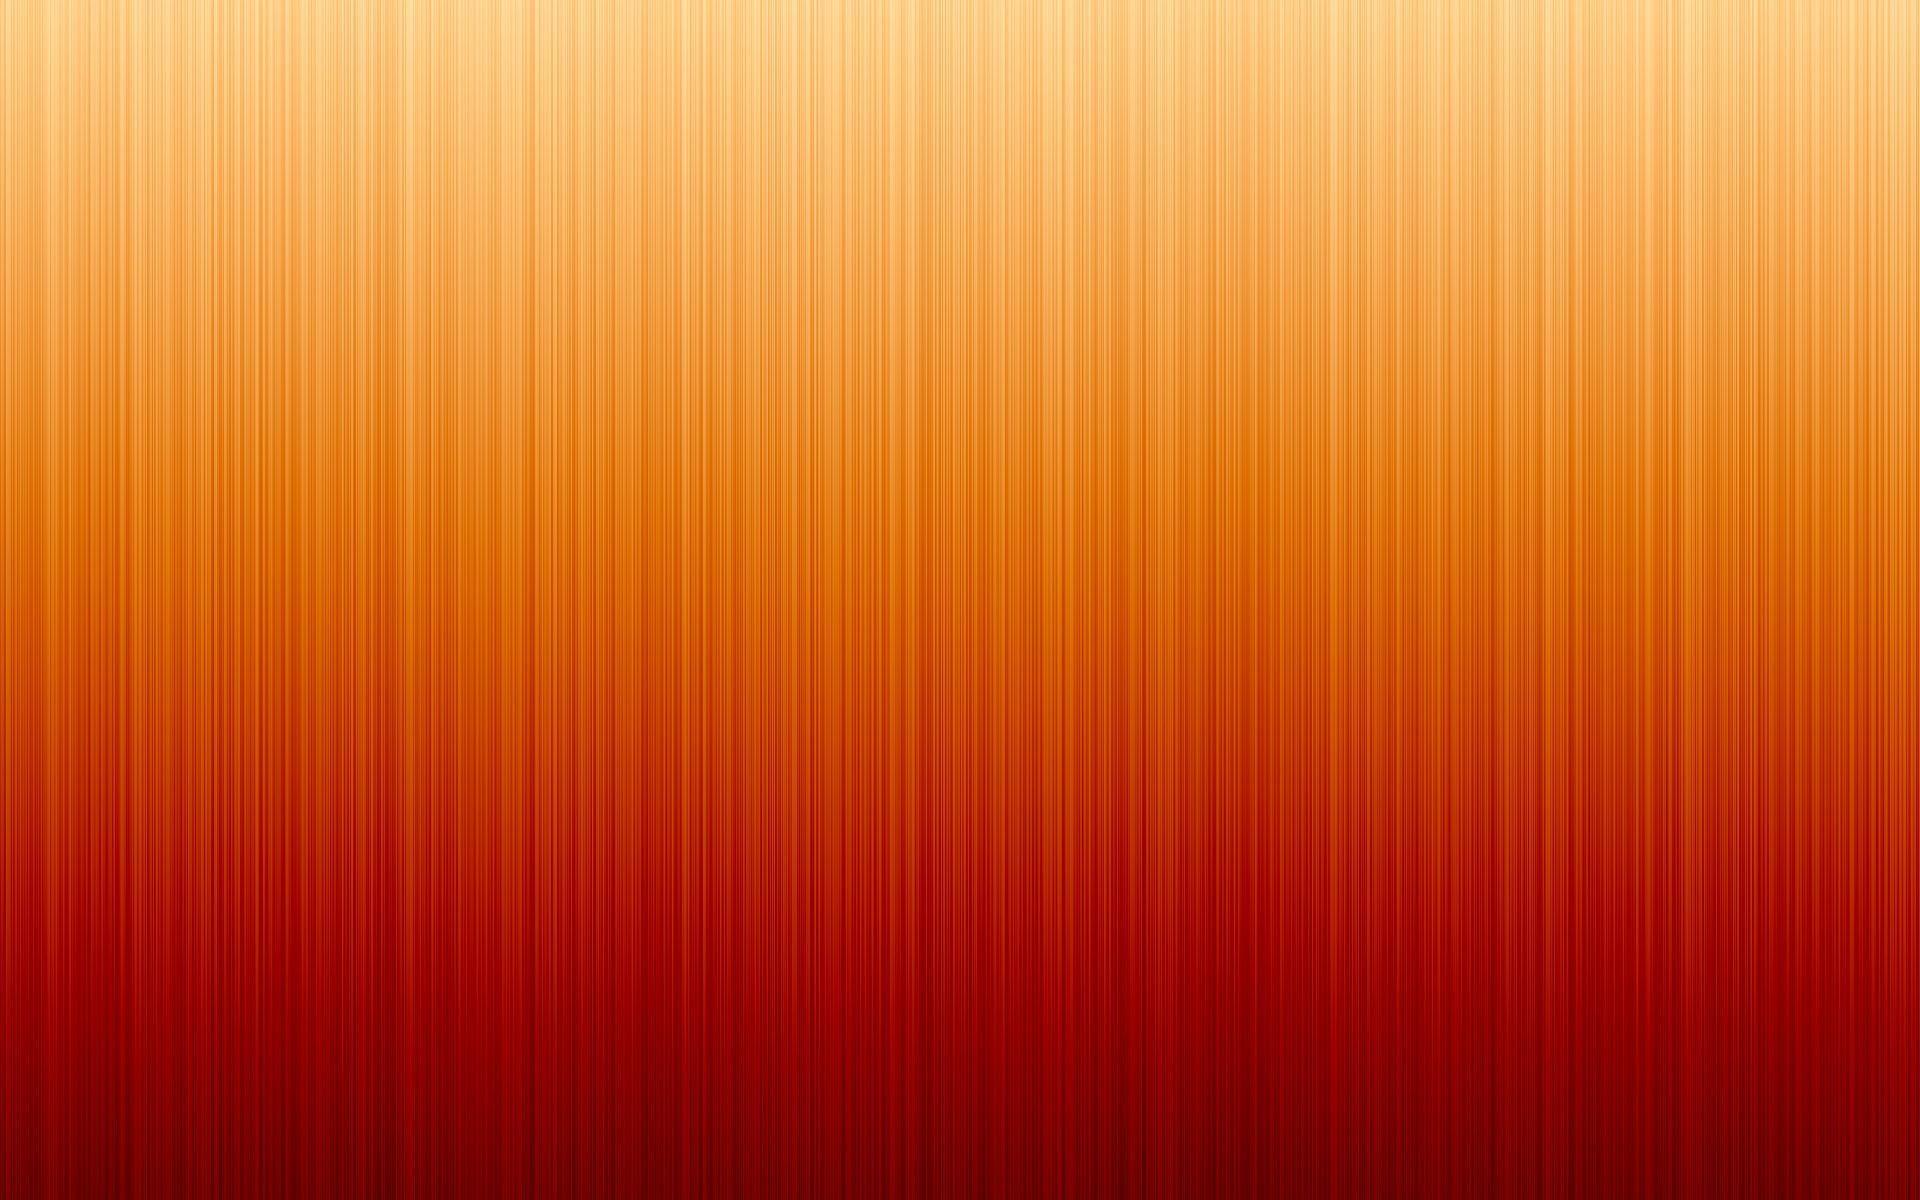 Pink Orange Wallpaper Online Pink Orange Wallpaper for Sale